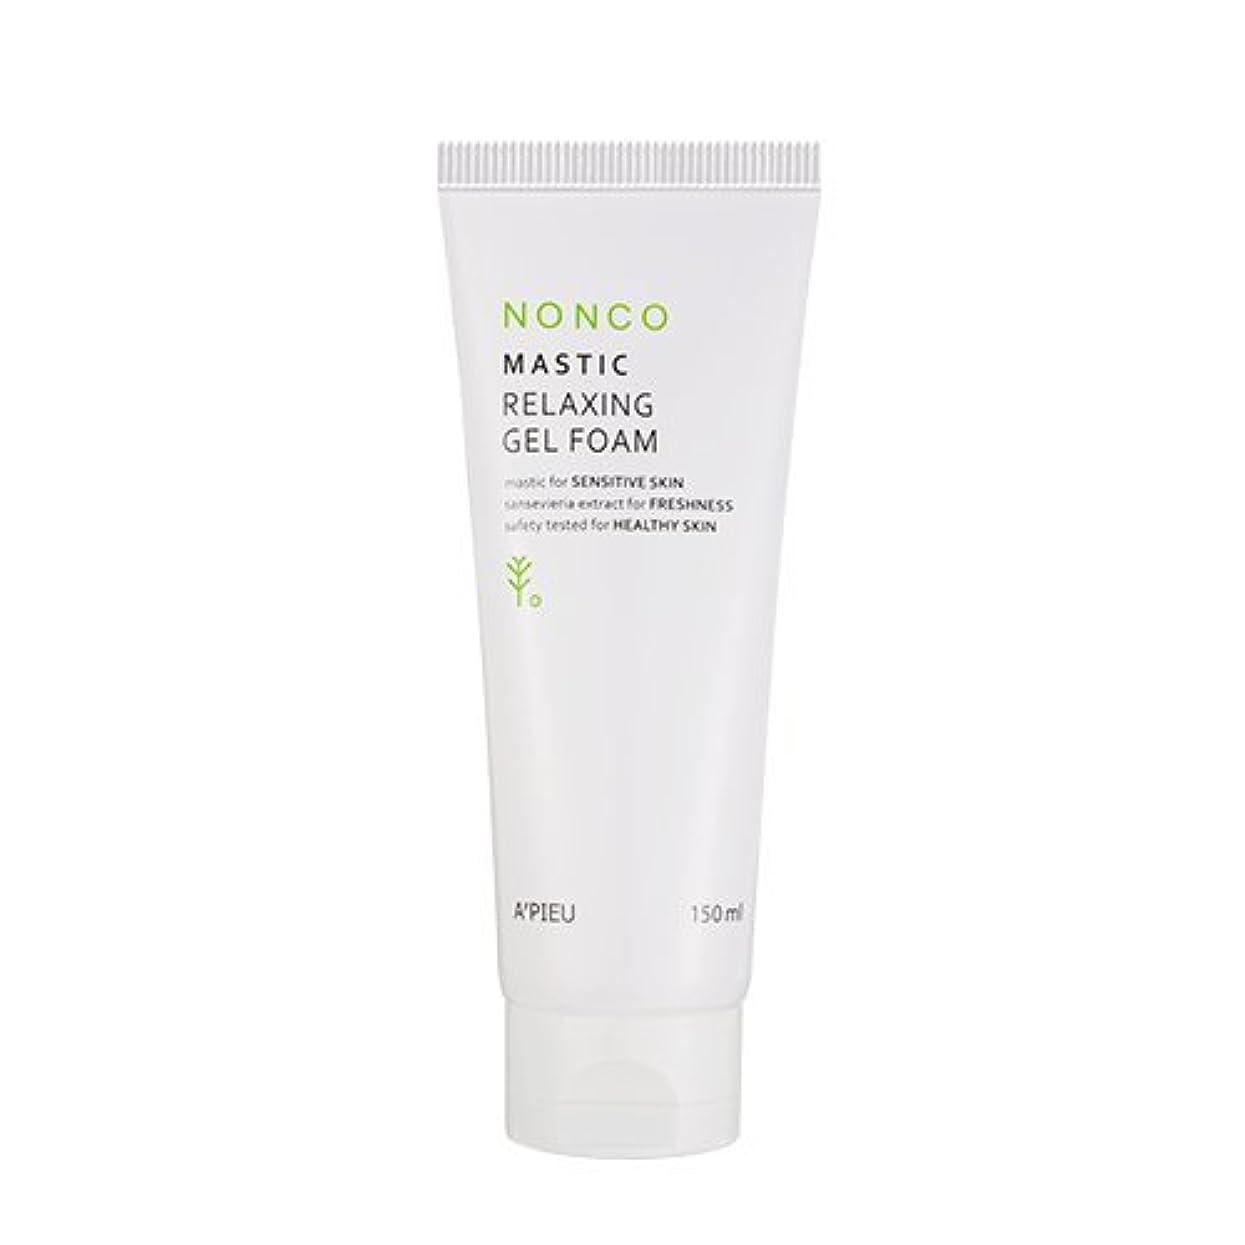 熟練した藤色程度Apieu NanCo Mastic Relaxing Gel Foam 150ml [アピュ/オピュ] NonCo マスチック弱酸性ゲルフォーム 150ml [並行輸入品]